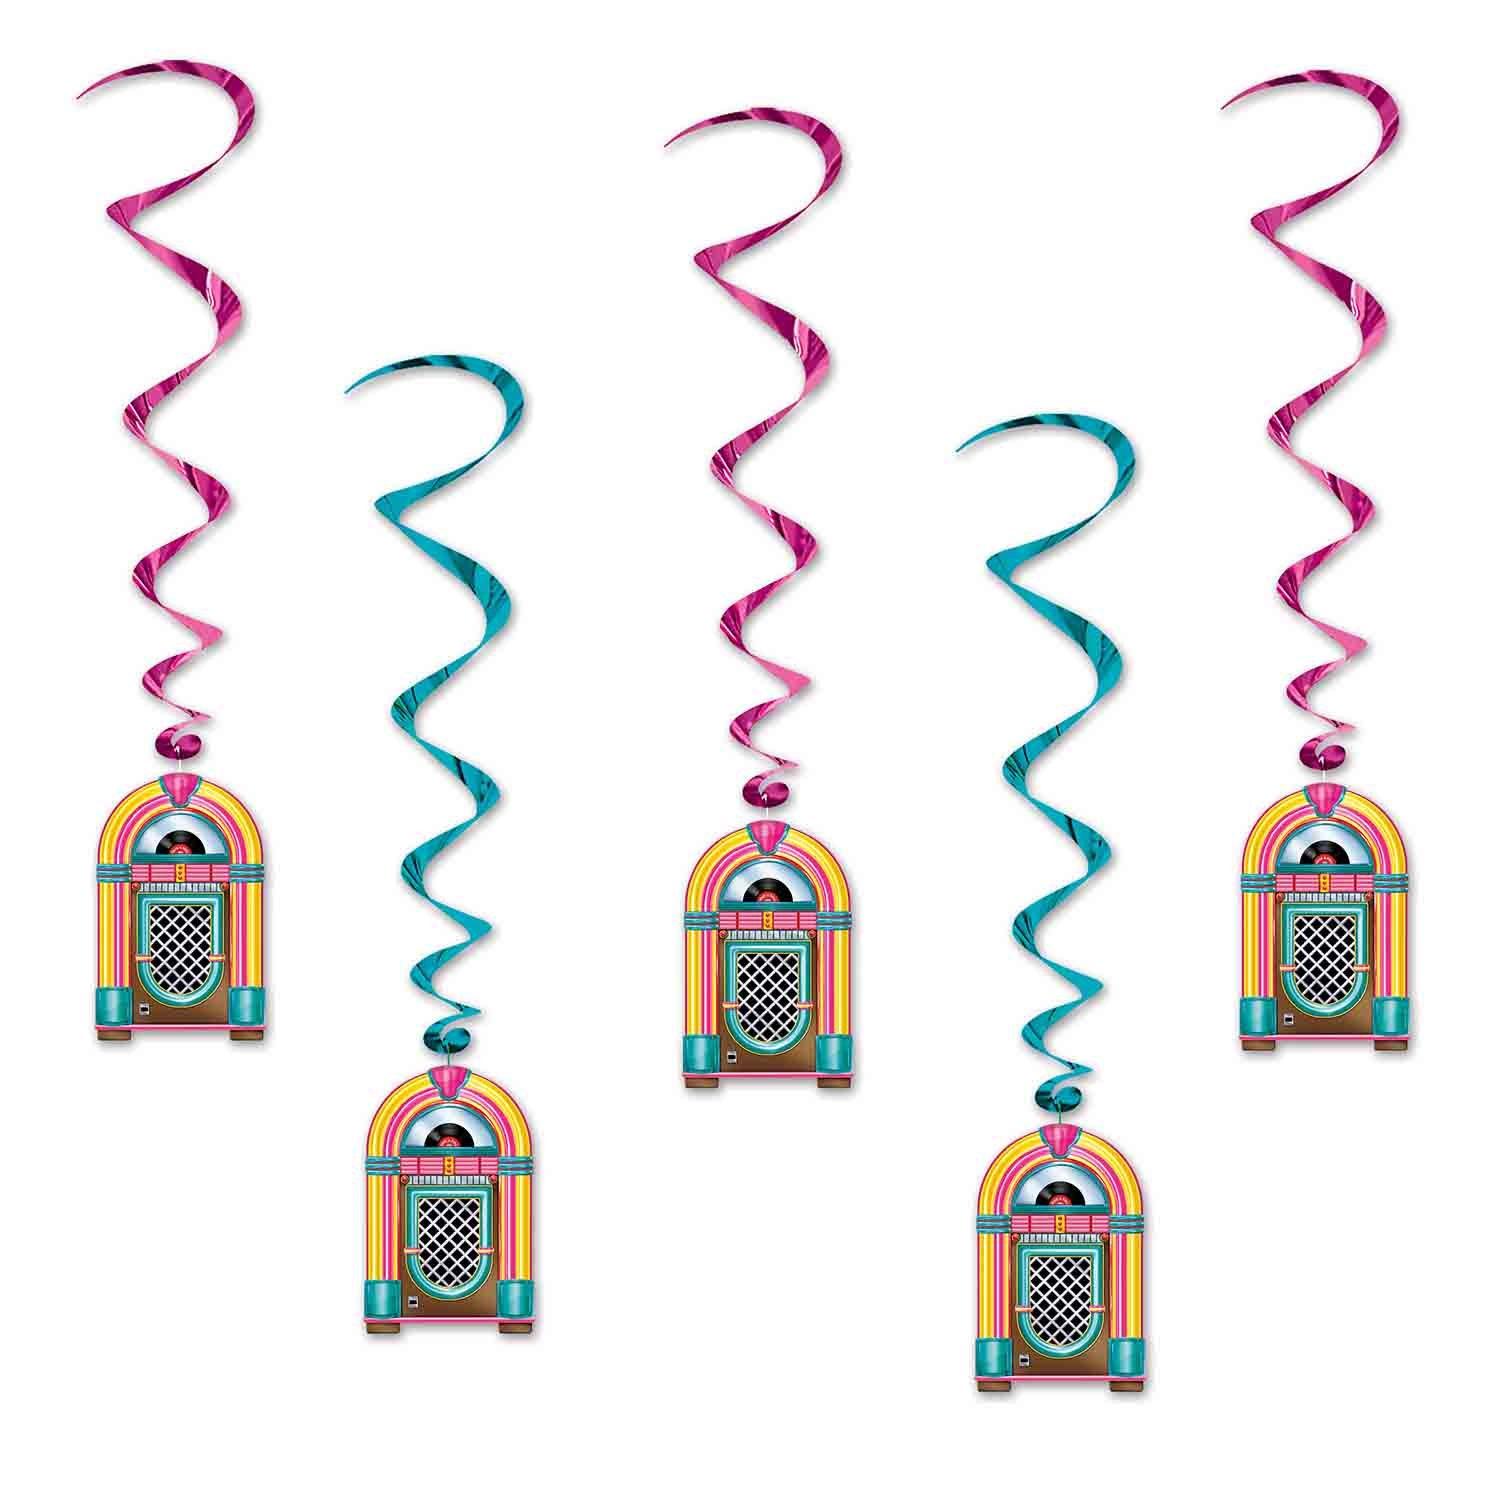 Hanging Decoration Whirls Jukeboxes